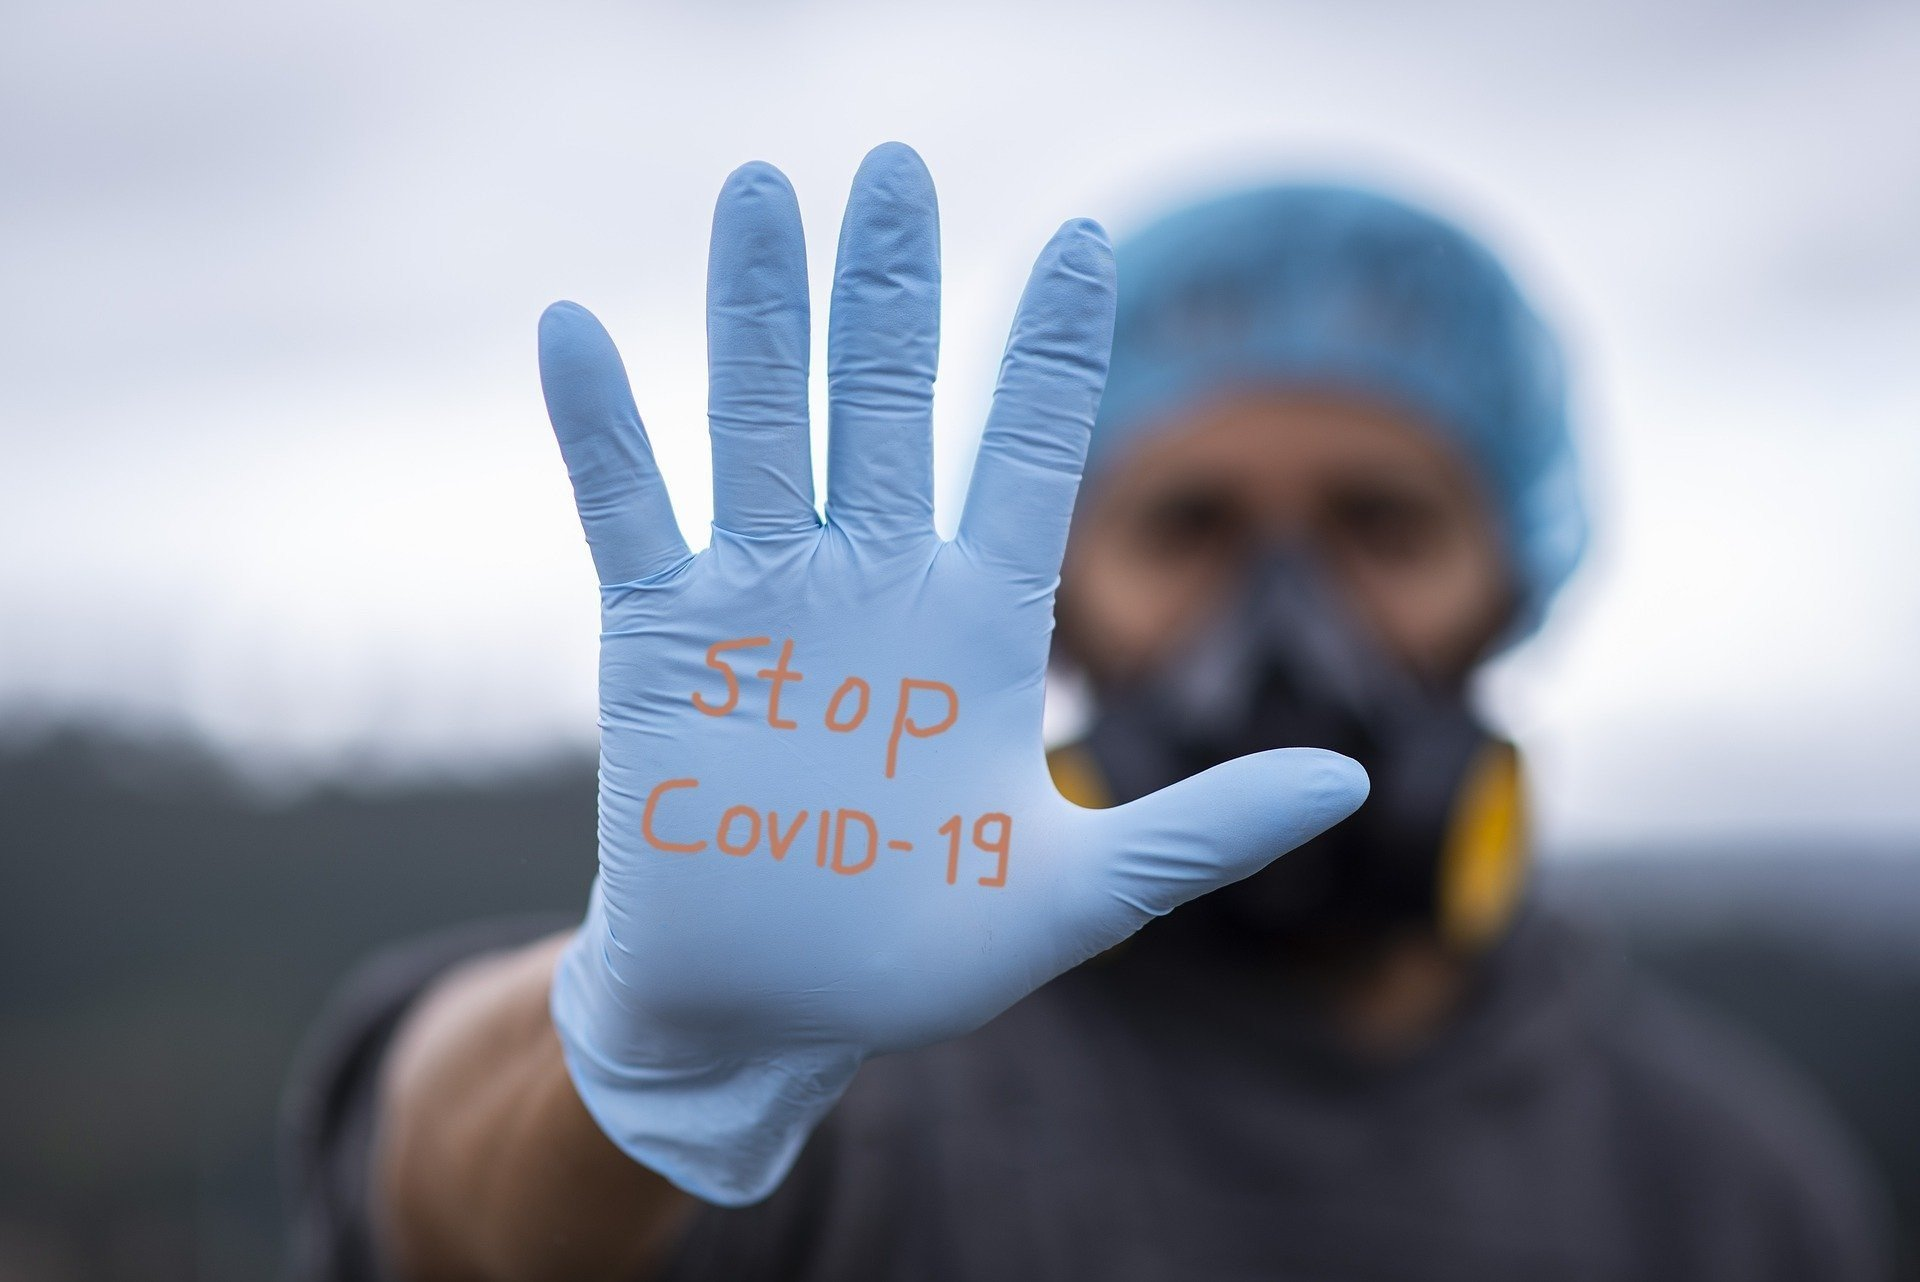 Половина жителей Москвы переболели коронавирусом